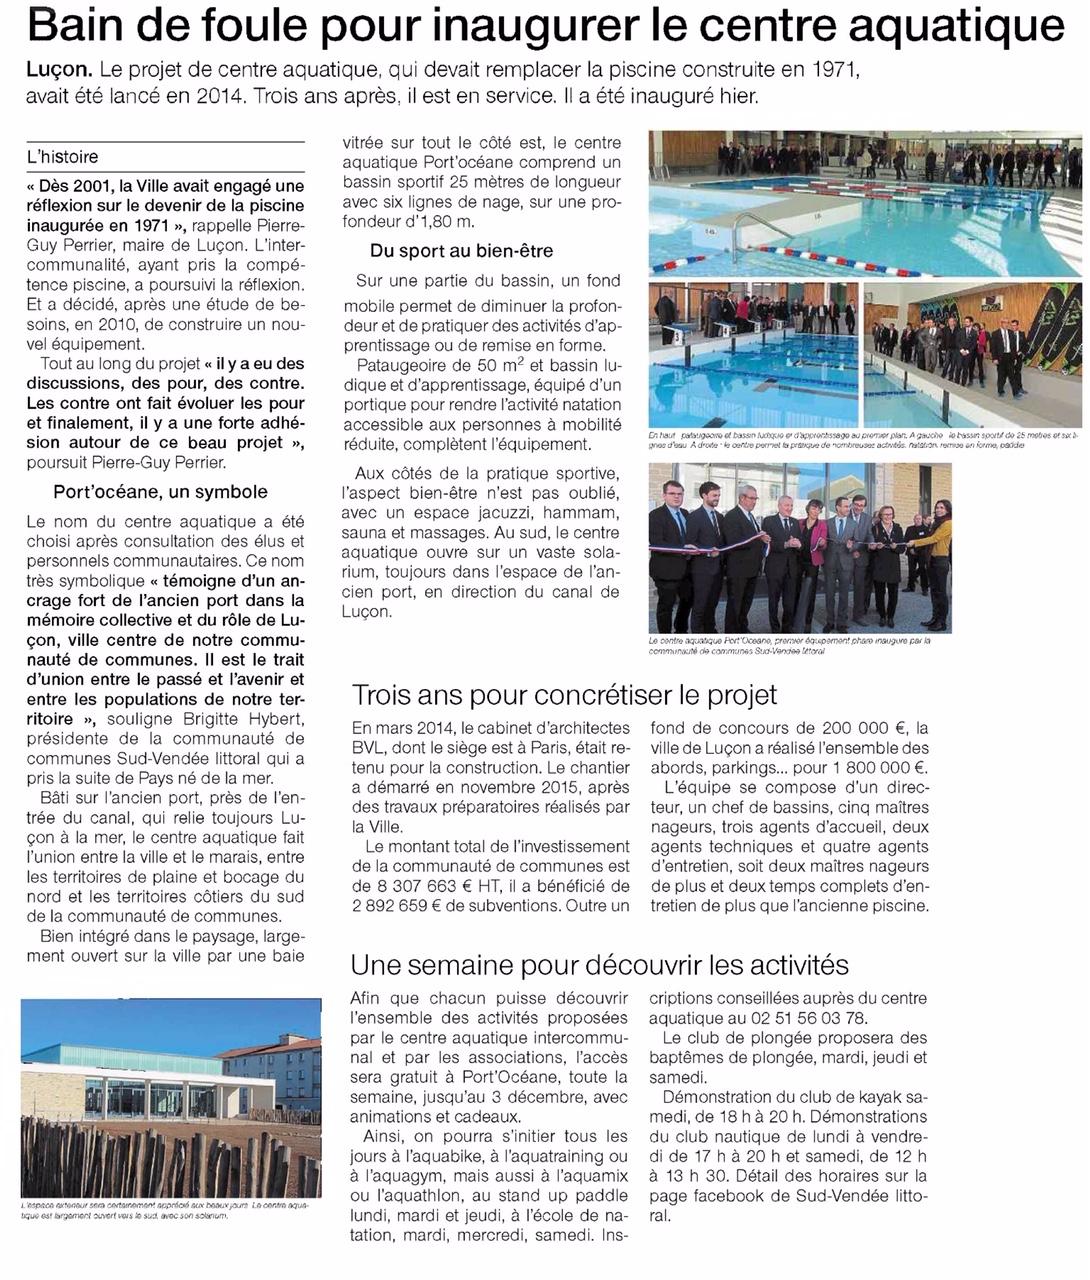 Inauguration de la piscine inter communale